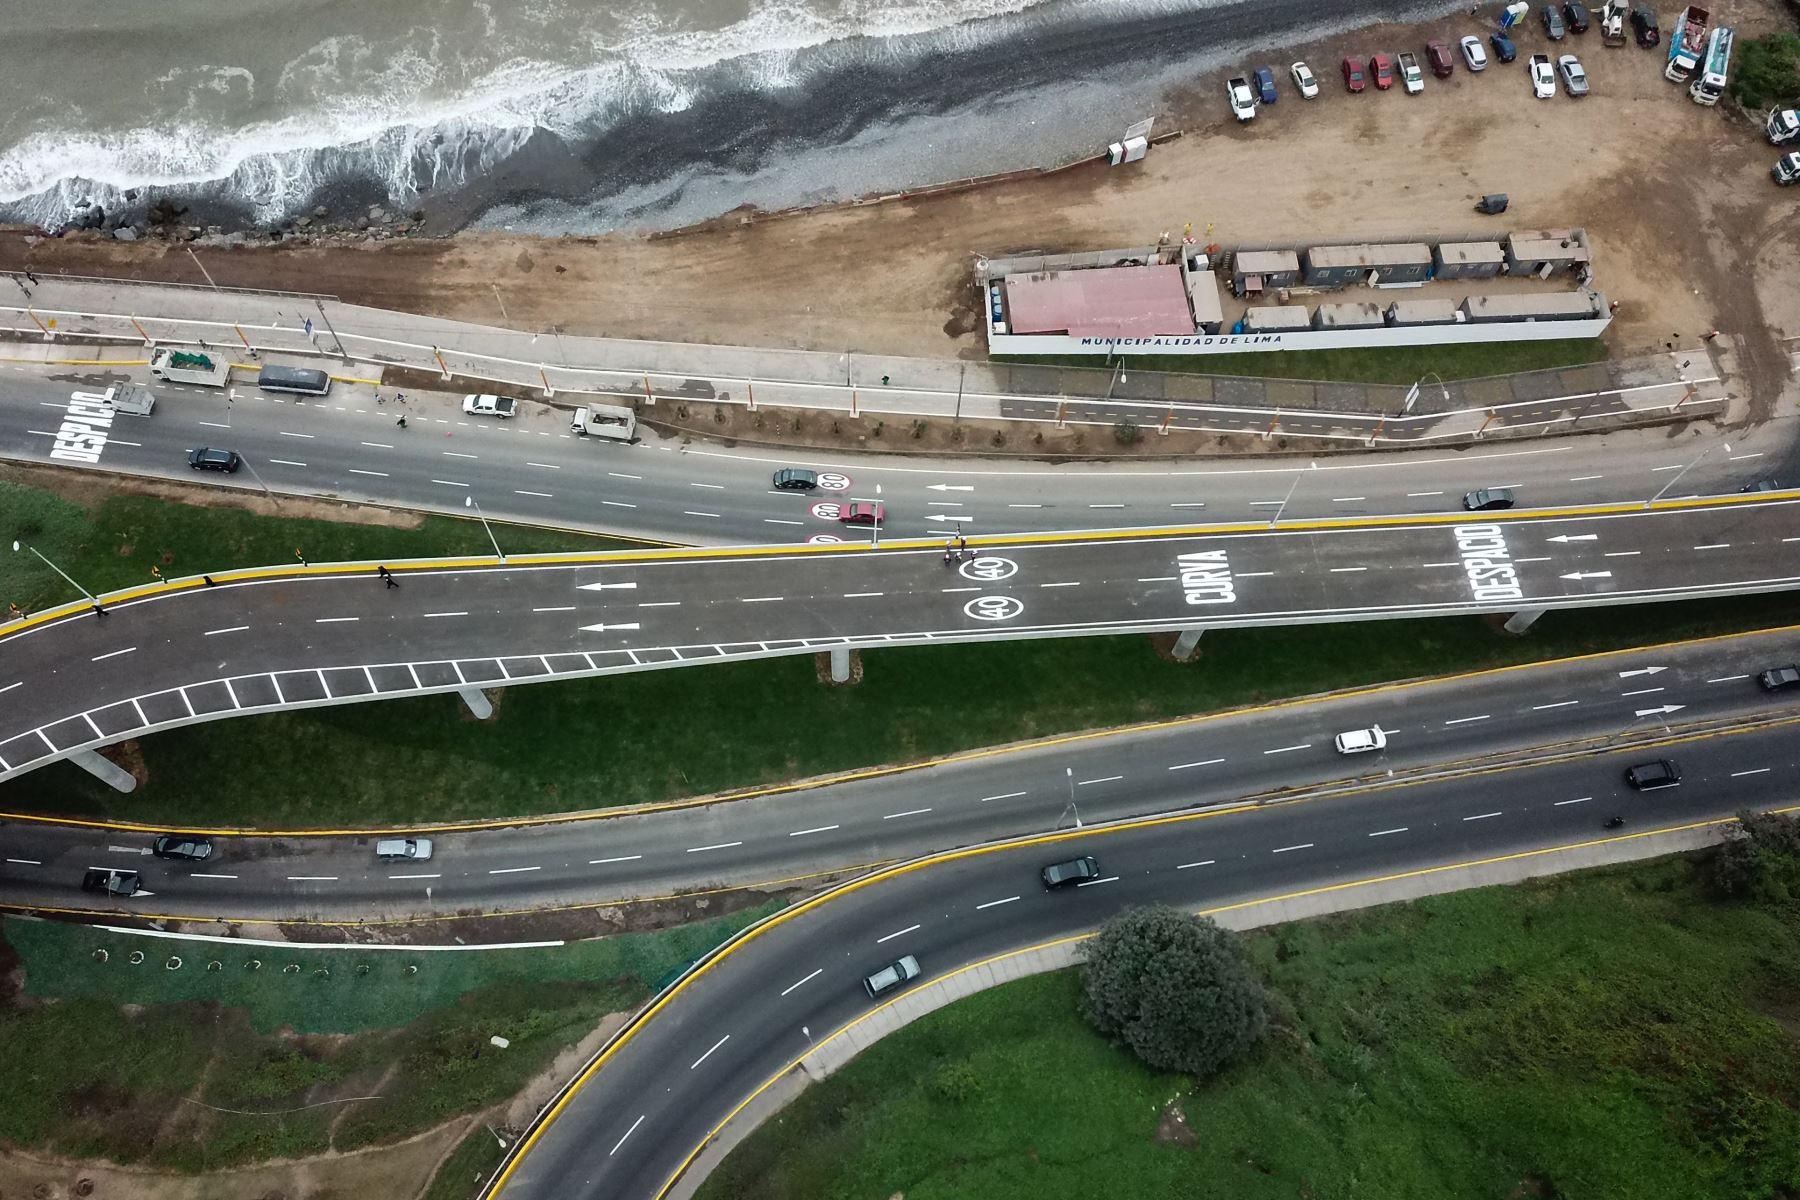 Viaducto Armendáriz en Miraflores, esta obra de infraestructura de 1.18 km será de gran utilidad ya que conectará directamente el distrito mencionado con Barranco a través de un puente vehicular elevado en sentido norte-sur. Foto: ANDINA/ Juan Carlos Guzmán